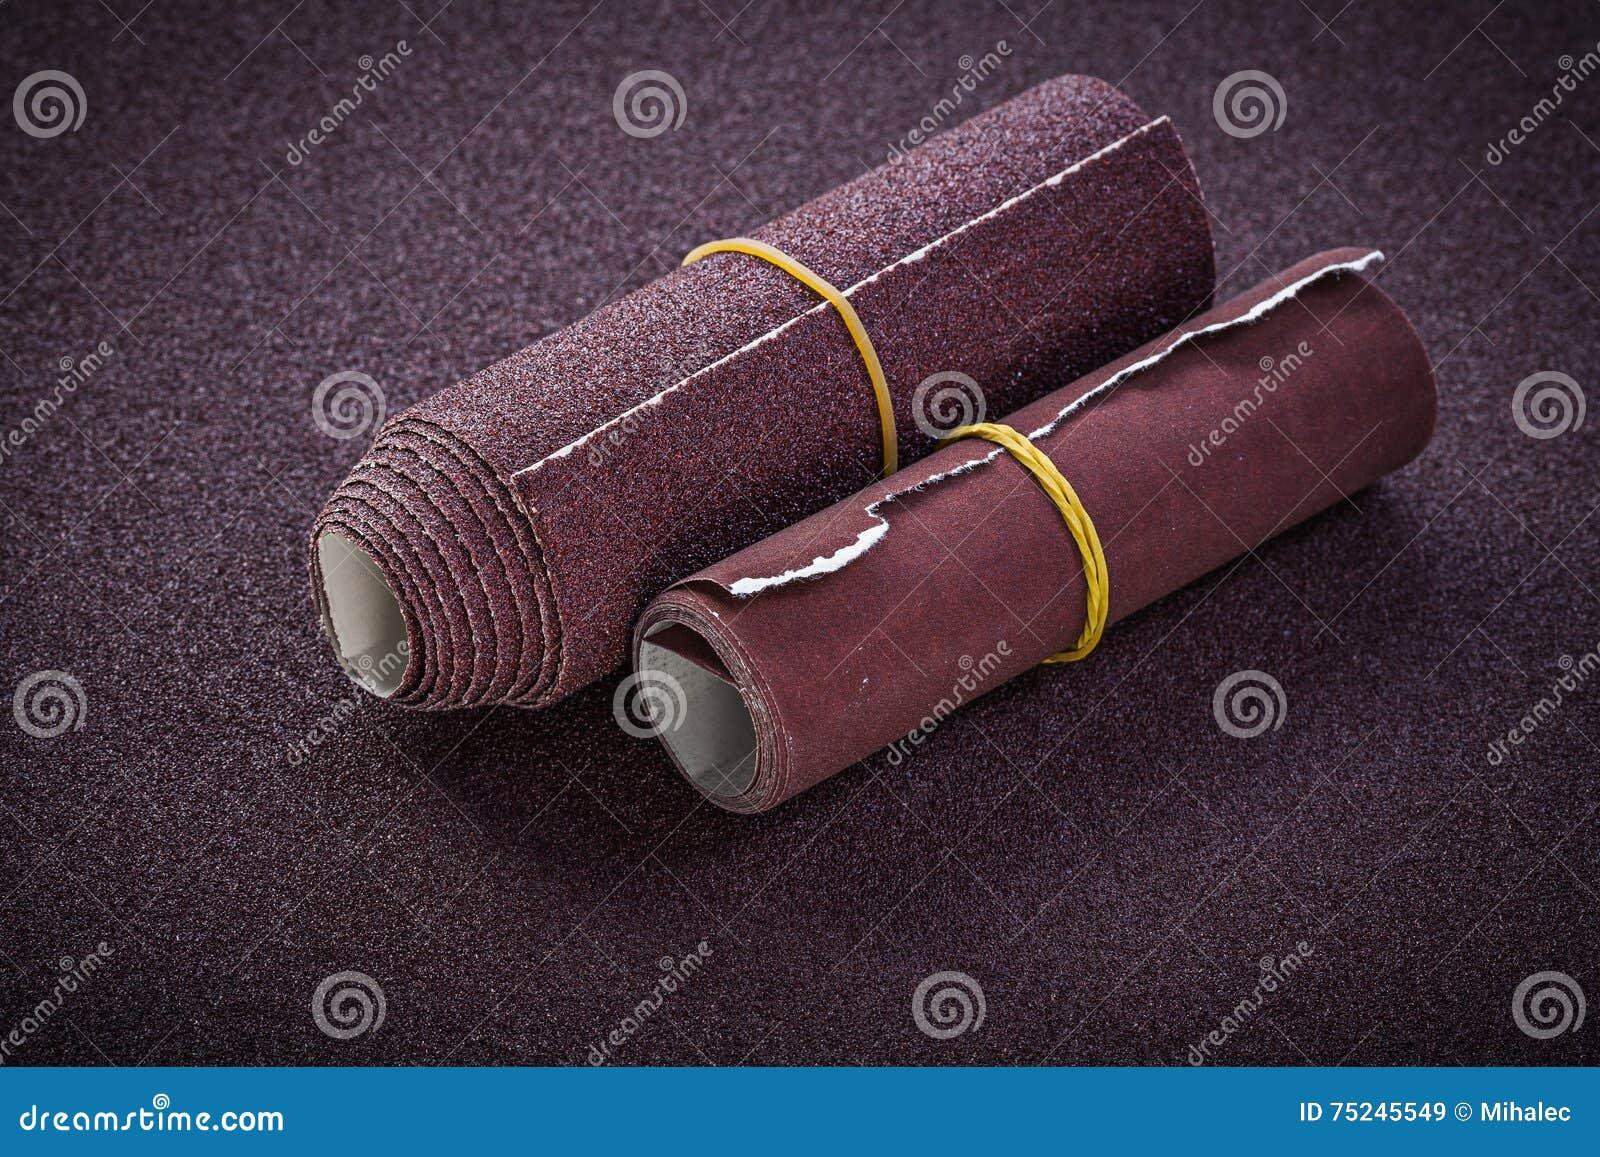 滚动的砂纸顶视图研磨剂工具